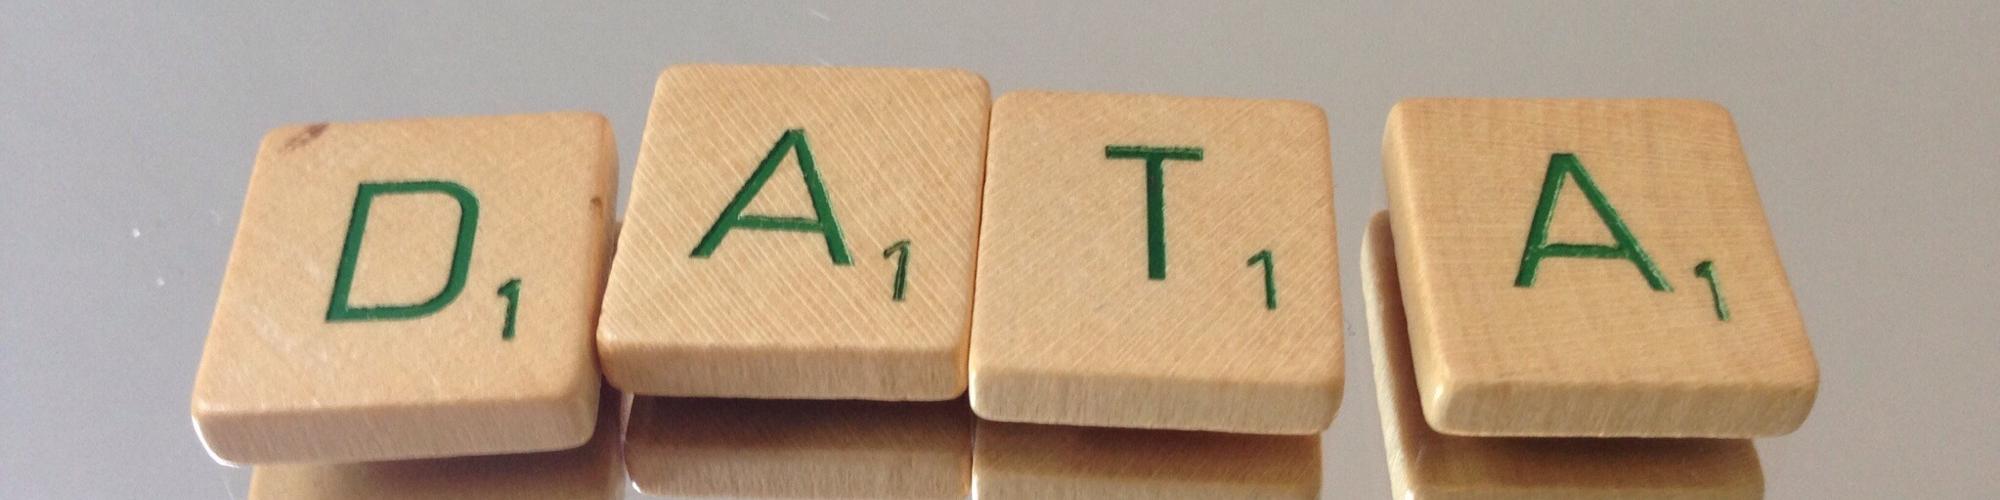 Data Scrabble tiles